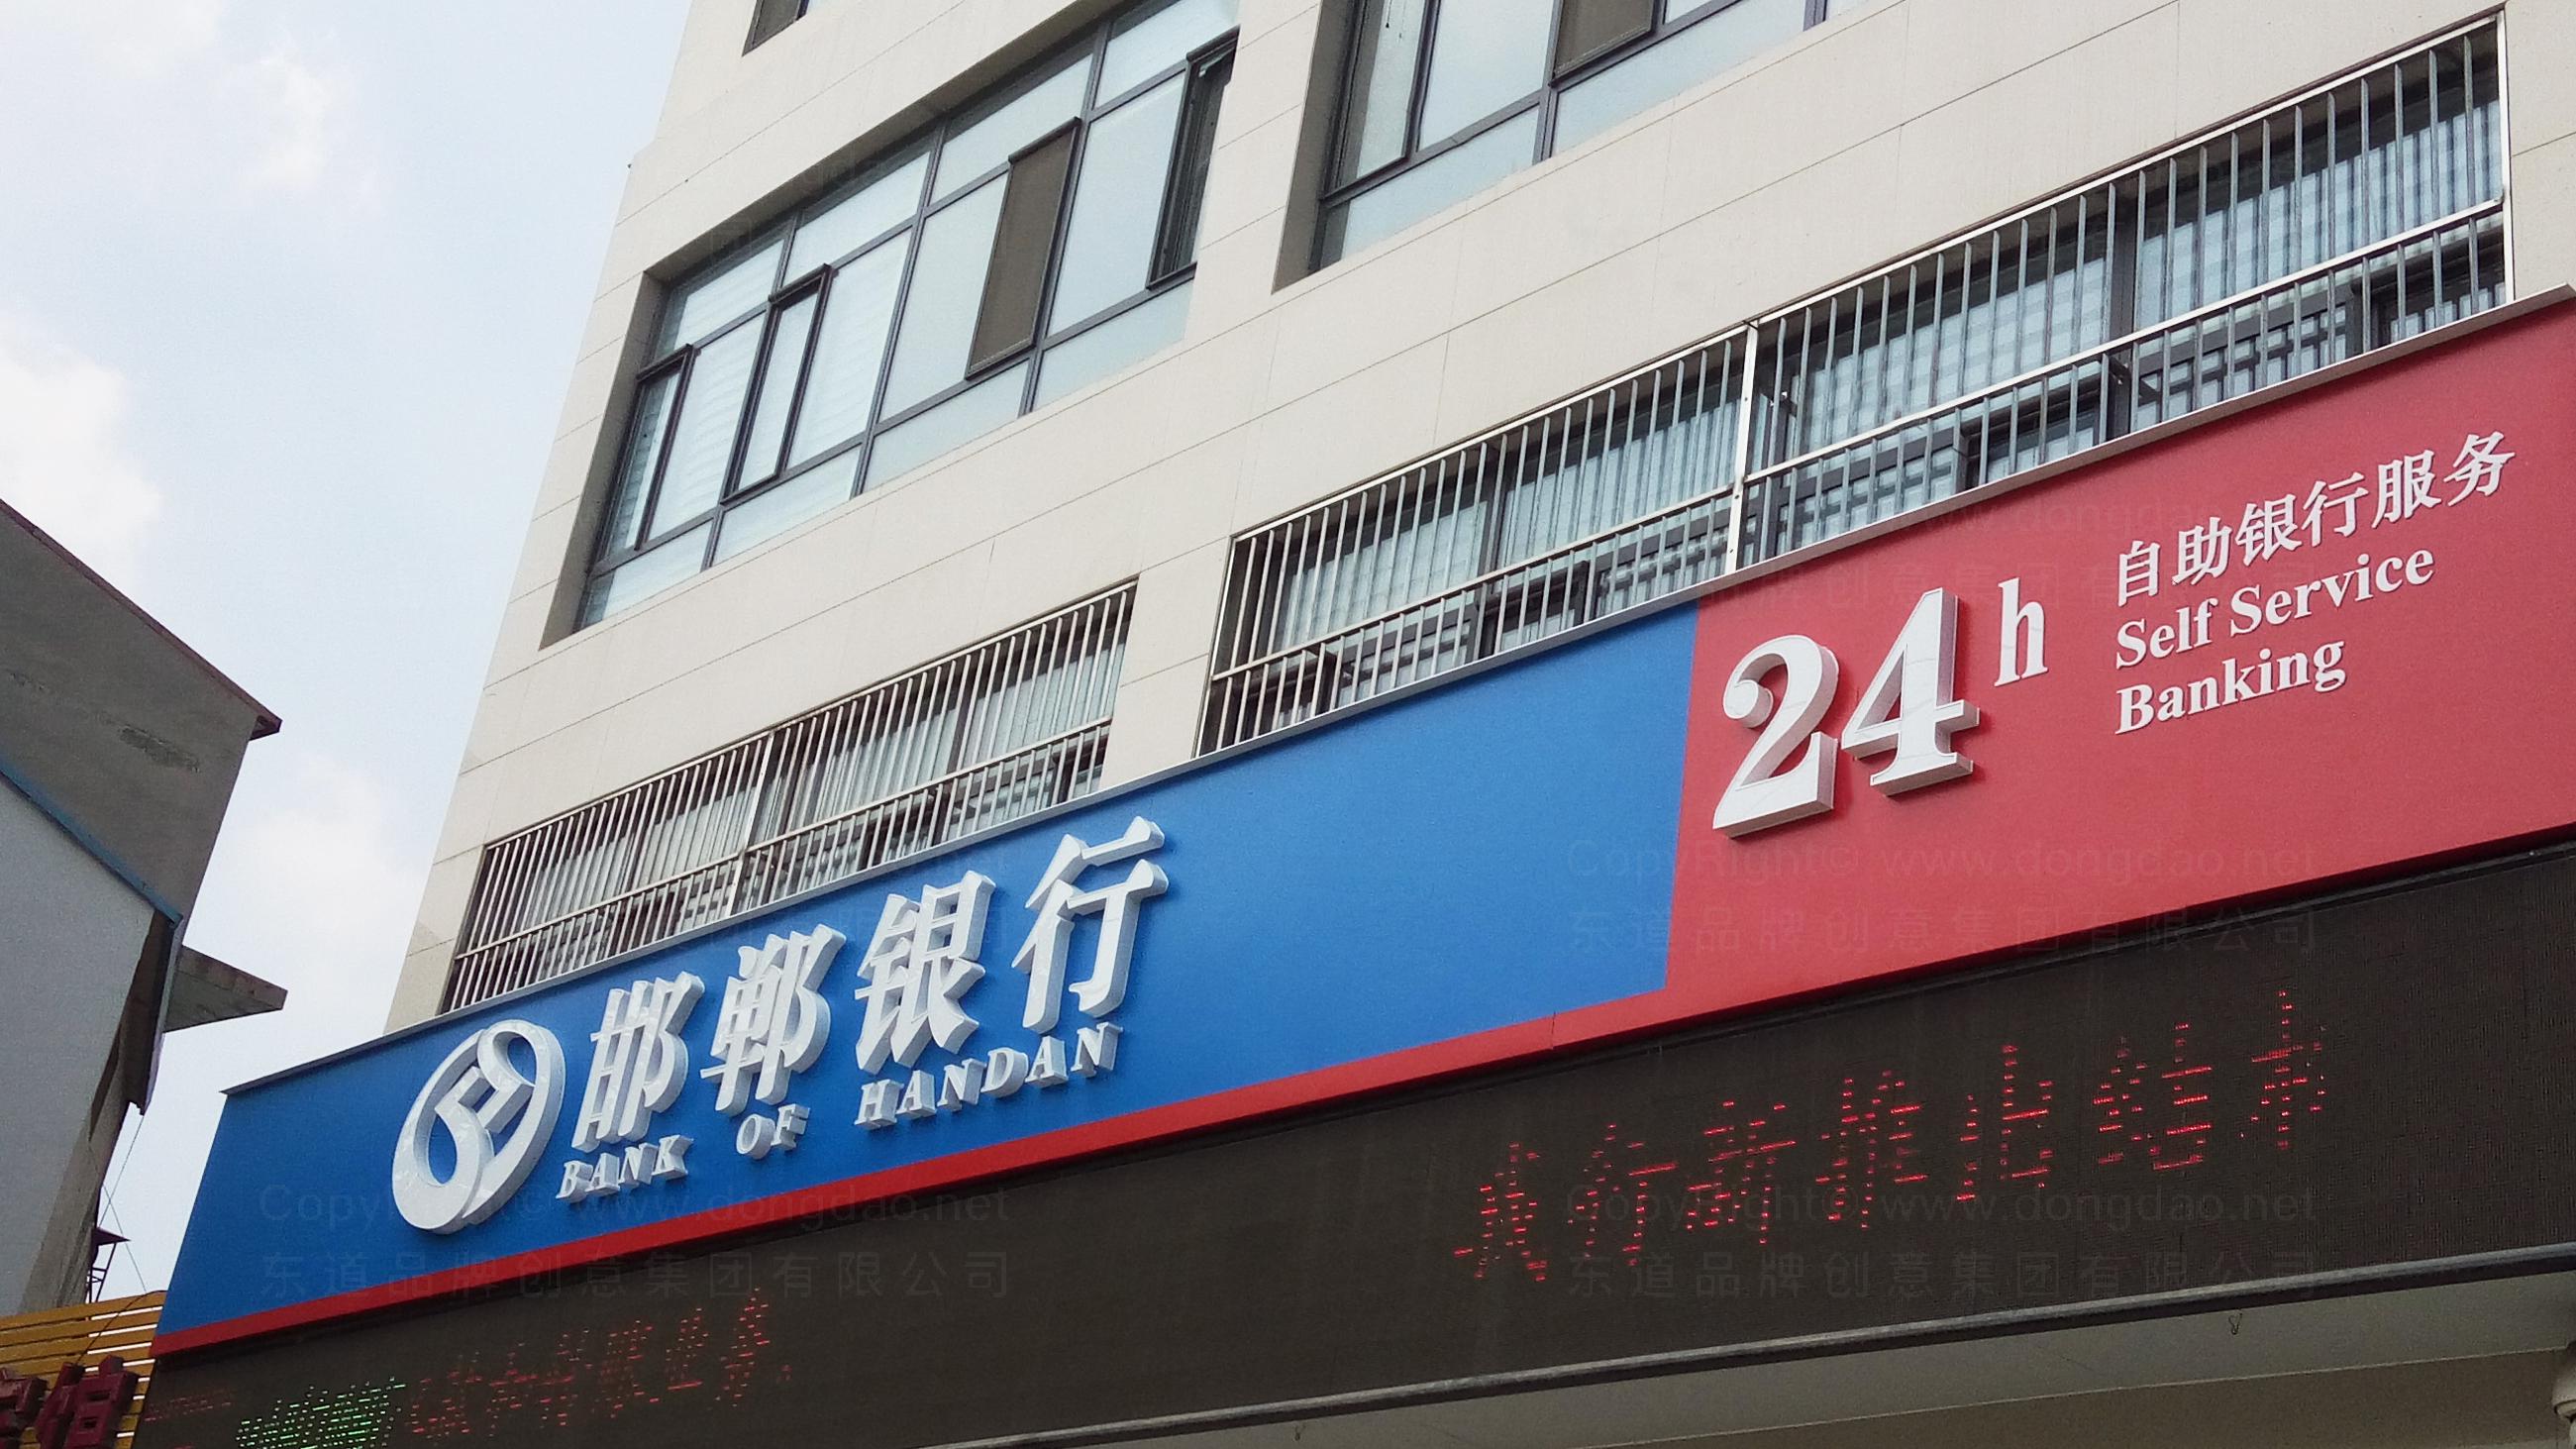 落地工程邯郸银行标识工程应用场景_25